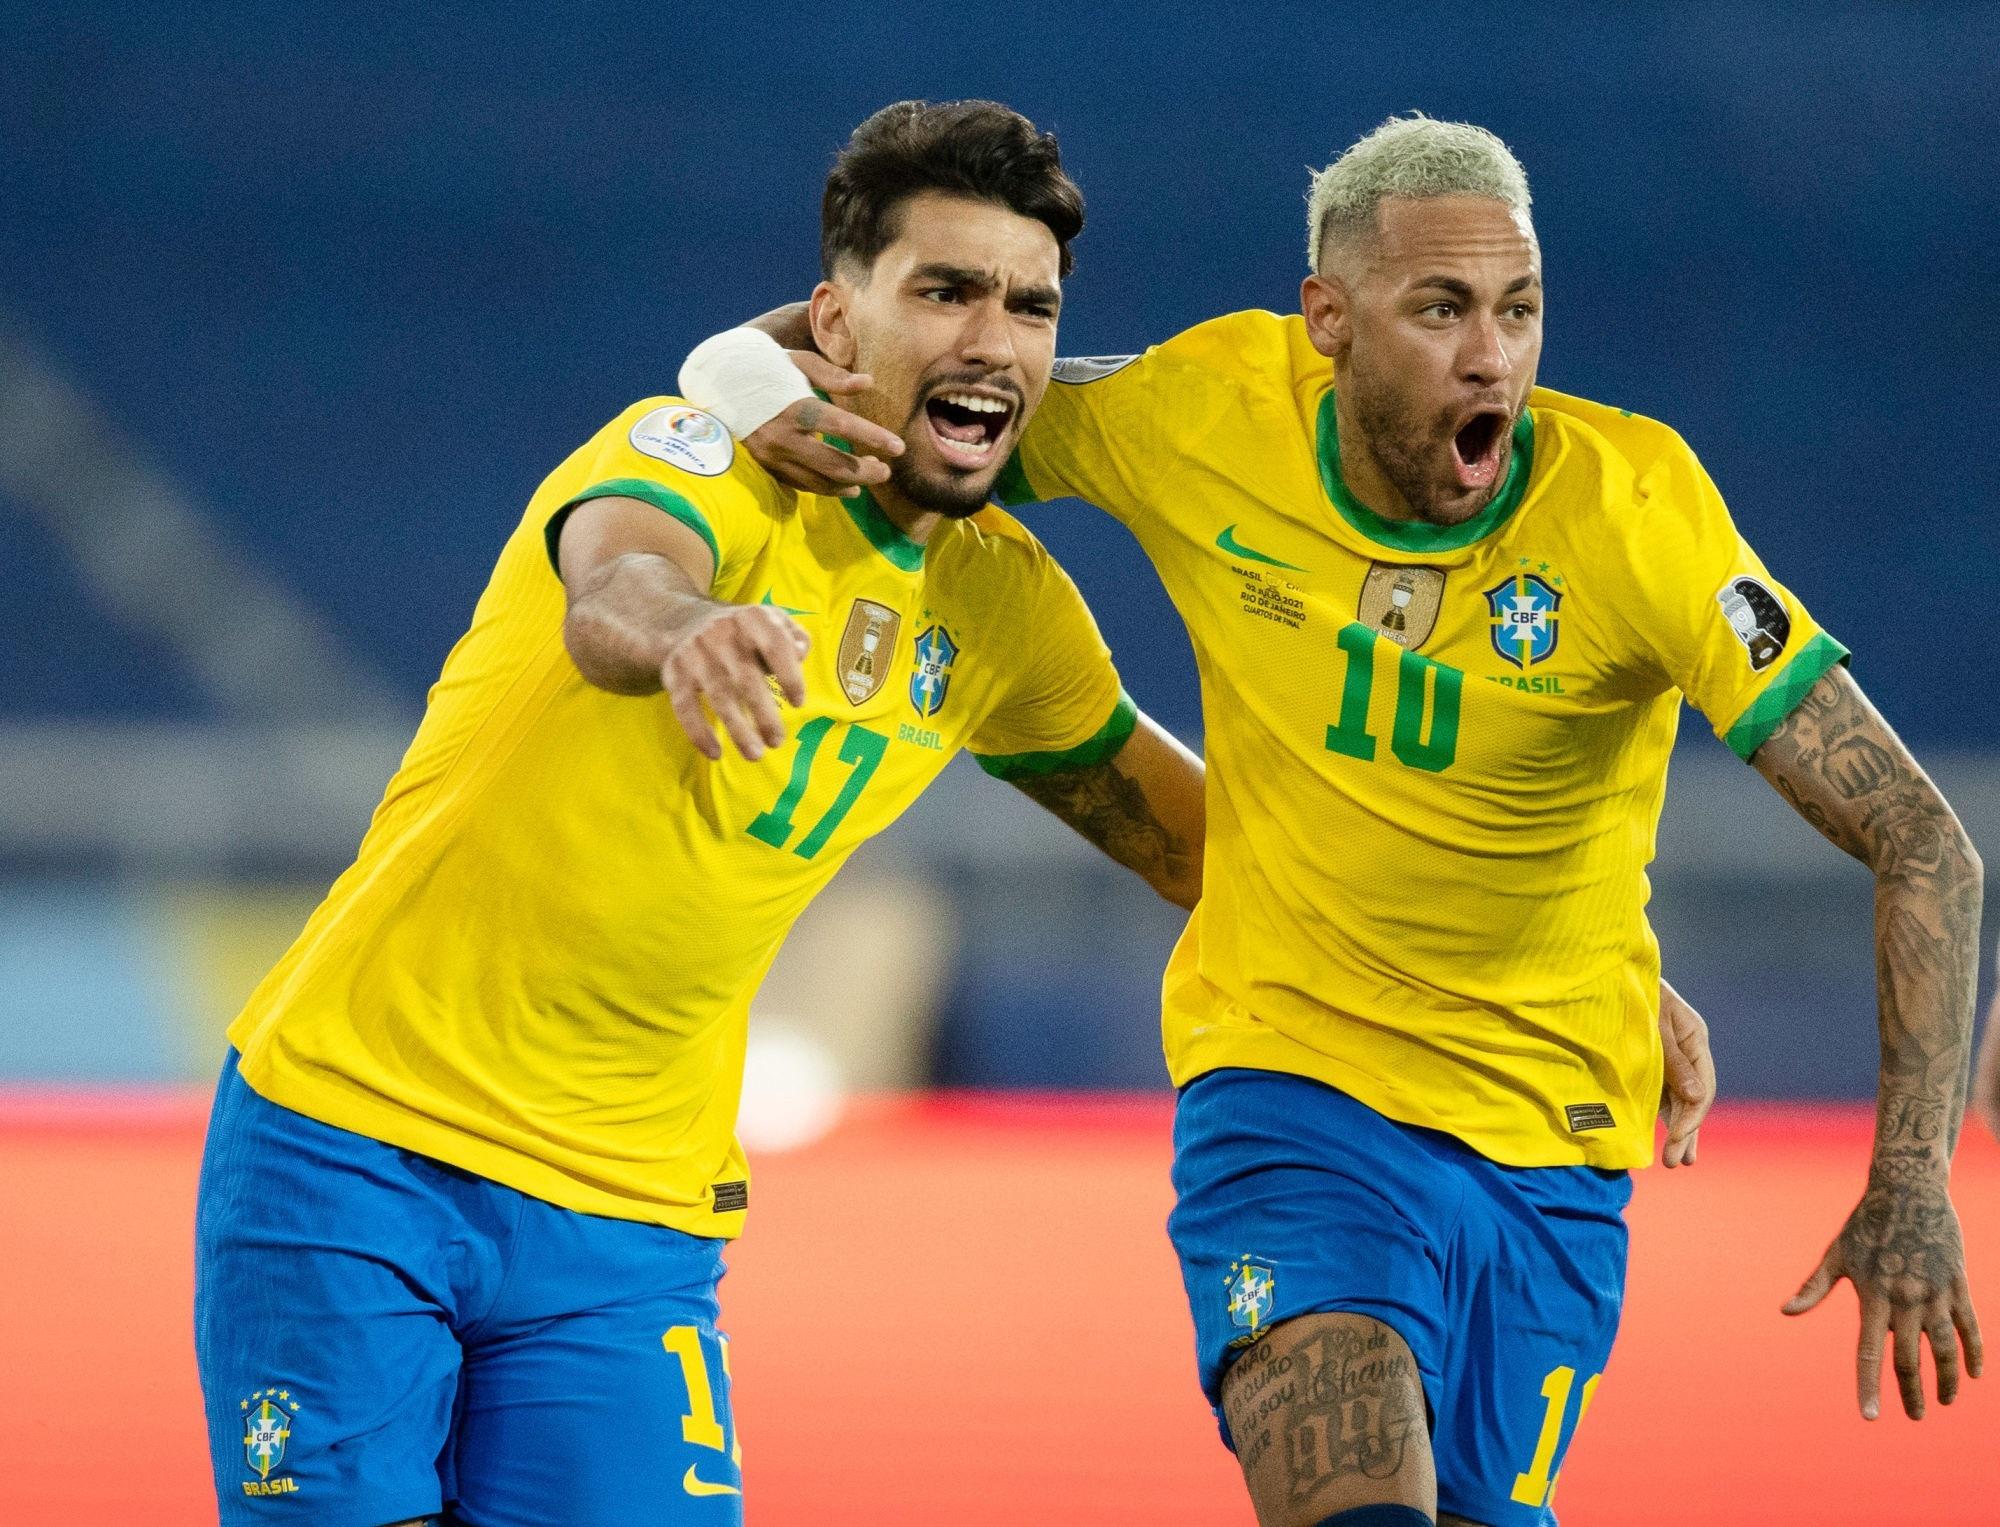 Brésil/Chili - Neymar et Marquinhos ont aidé les Brésiliens à se qualifier